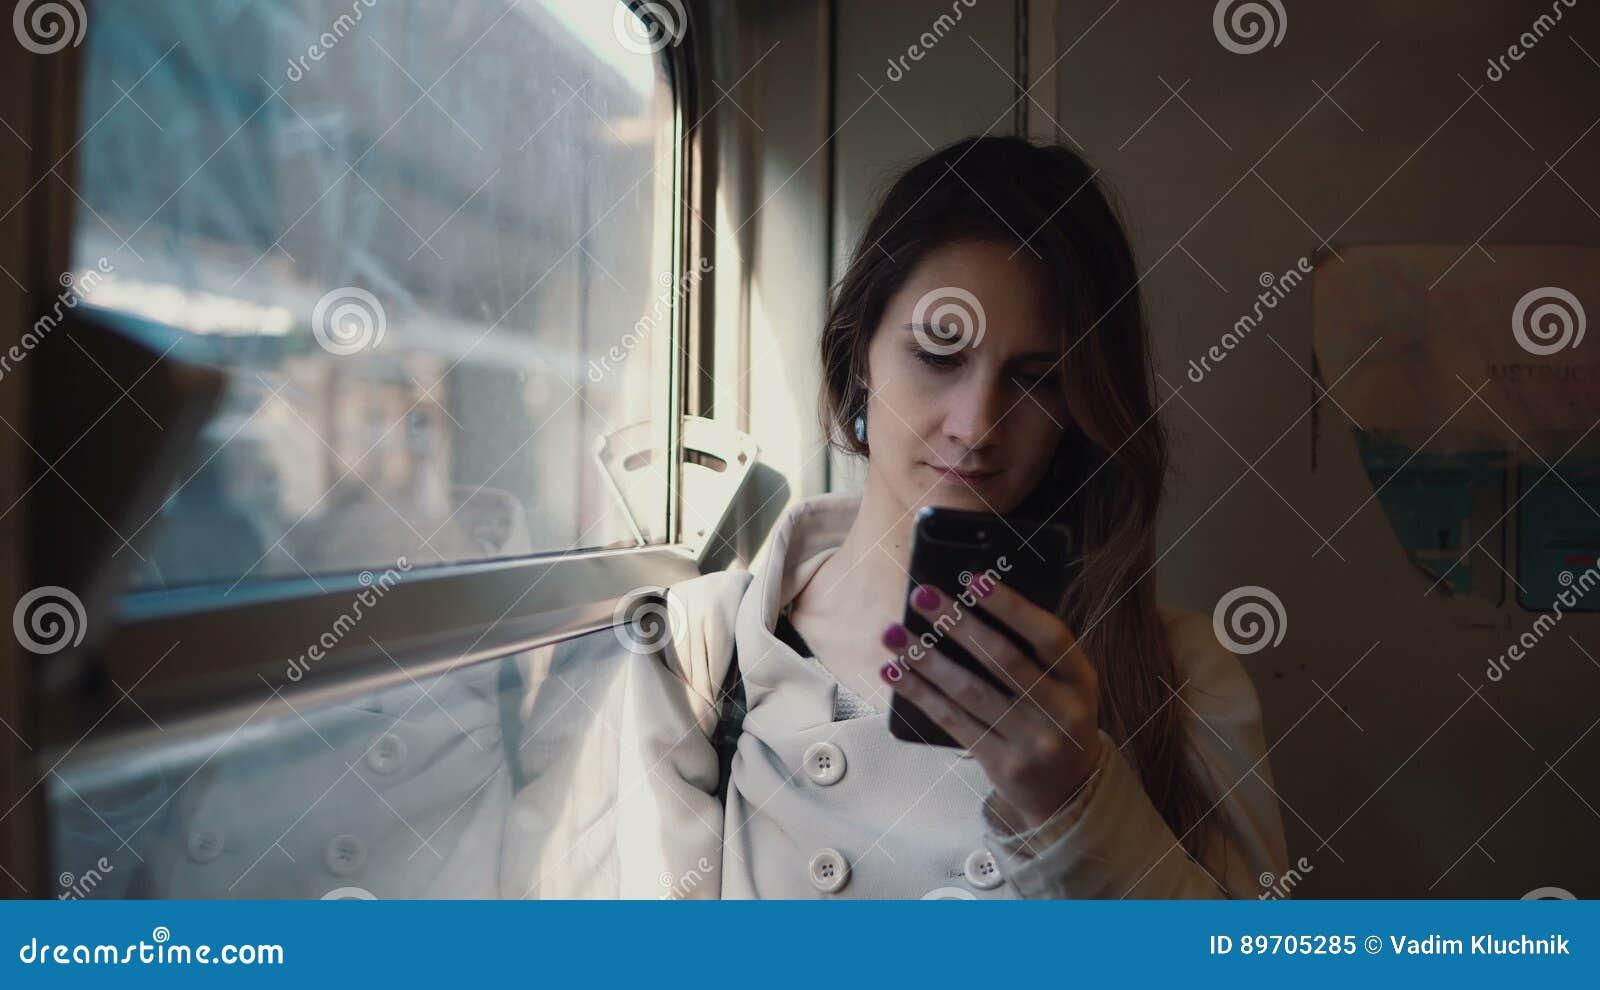 Портрет девушки стоя в поезде и используя smartphone Sms молодой женщины отправляя СМС и просматривают интернет